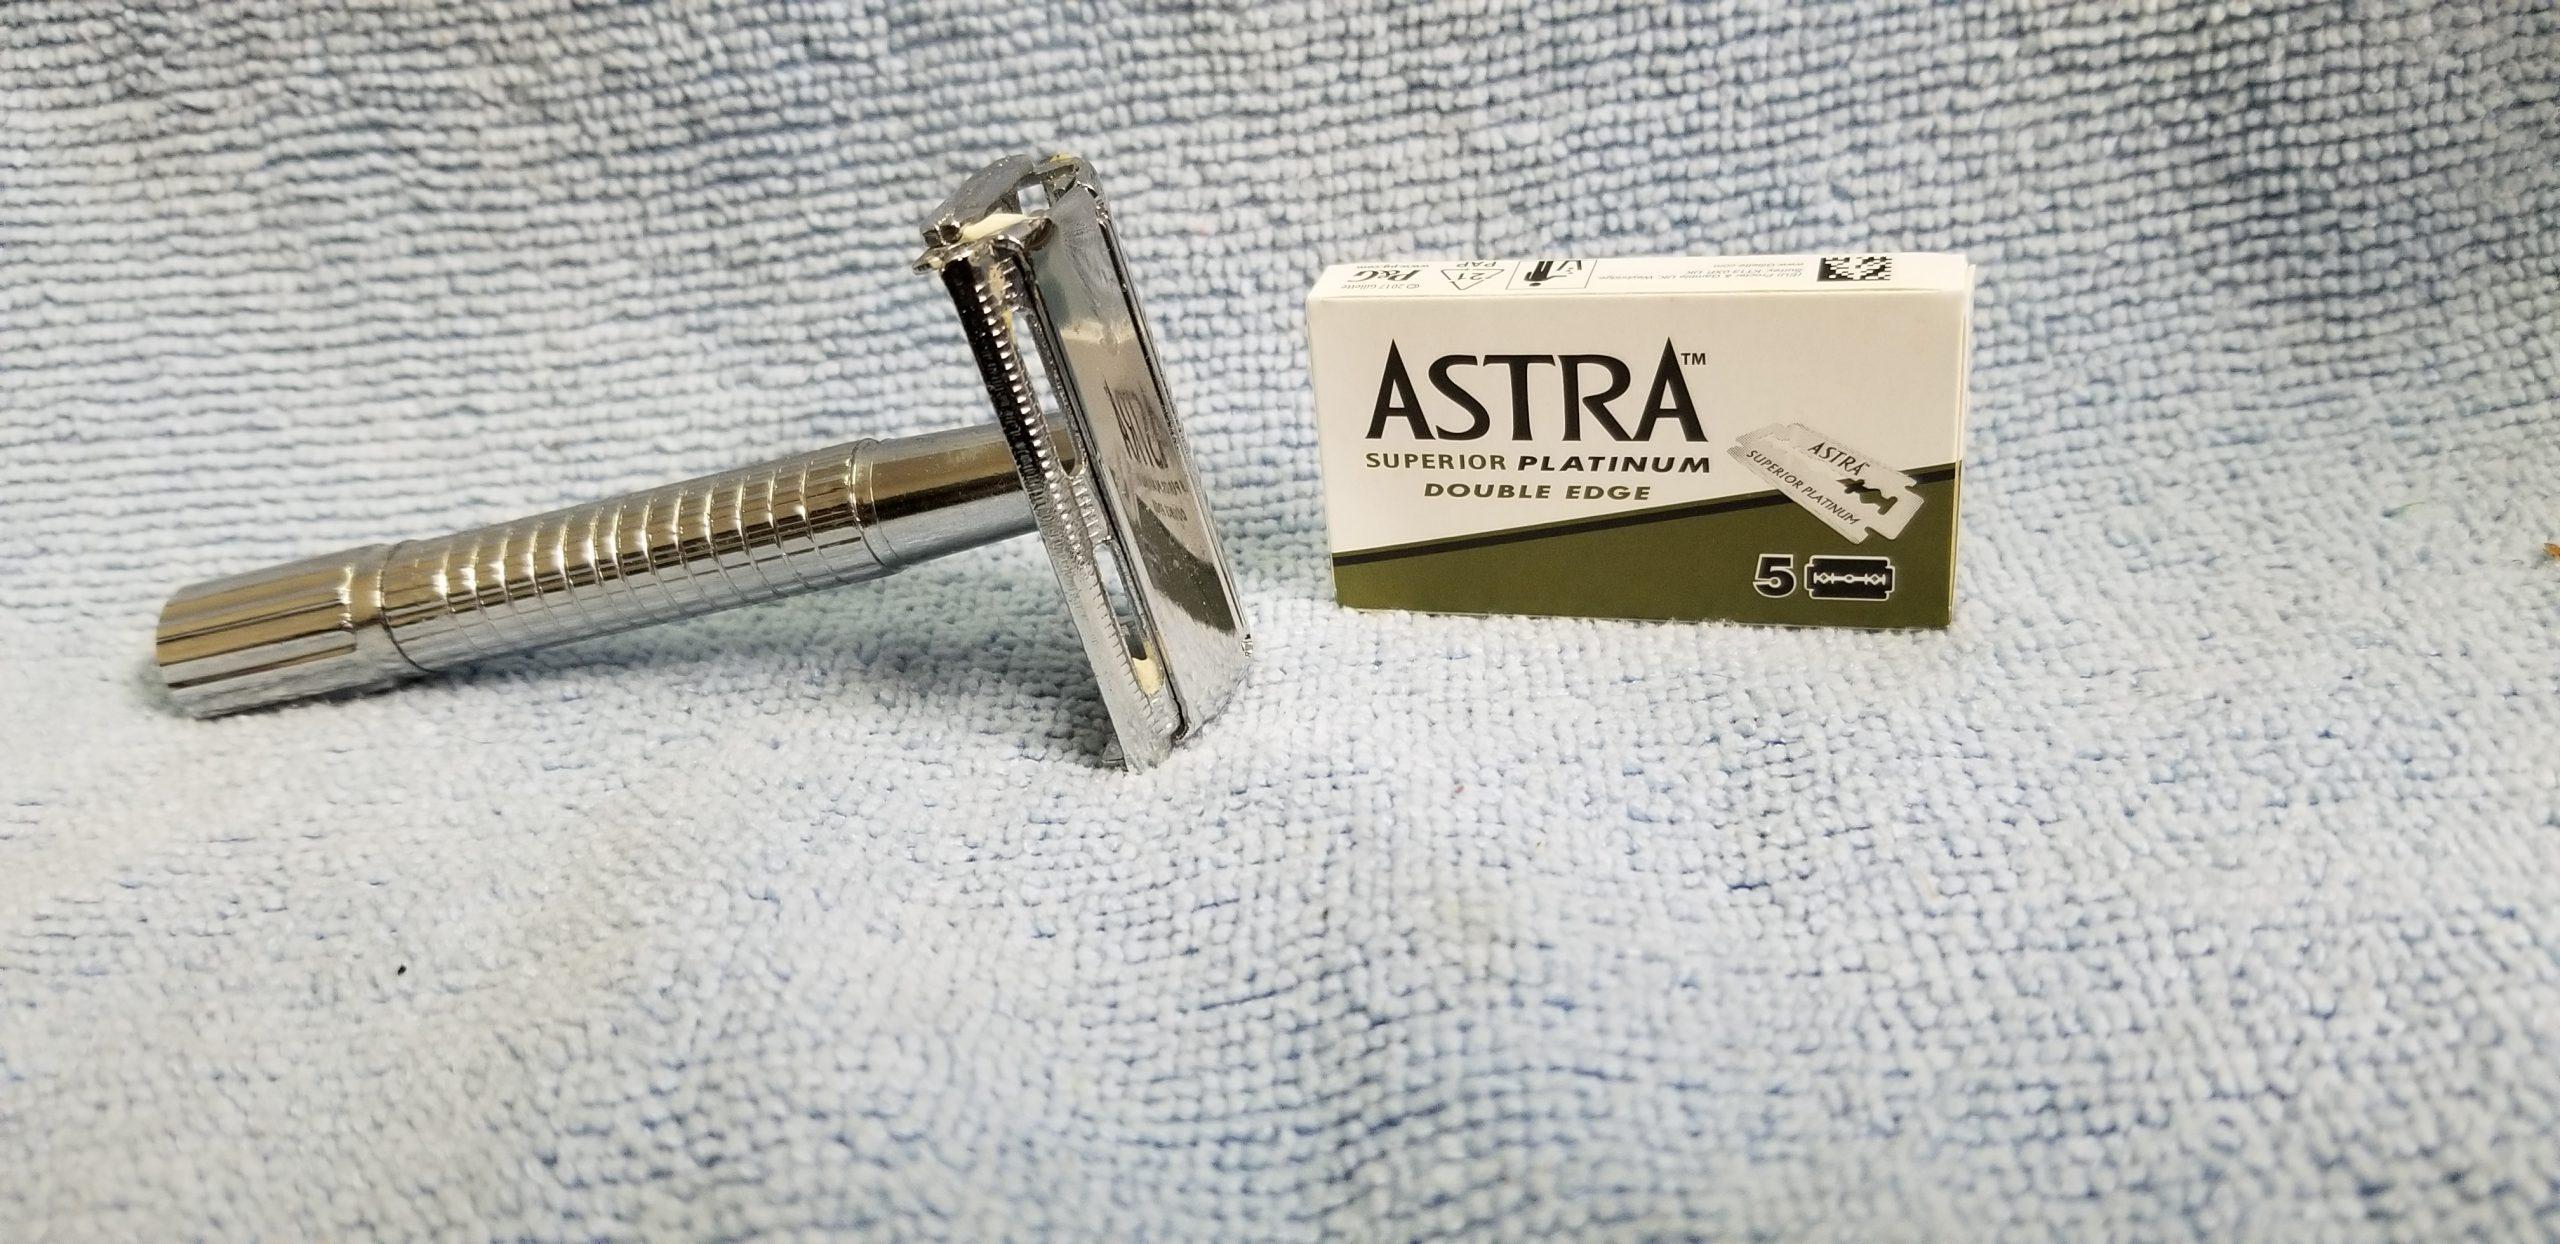 Double Edge Razor Astra Blades